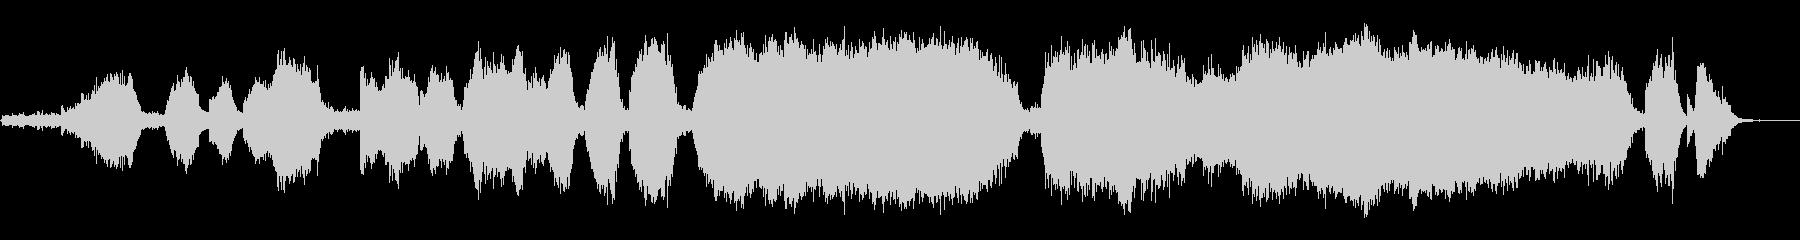 パワーハンドグラインダー:スチール...の未再生の波形